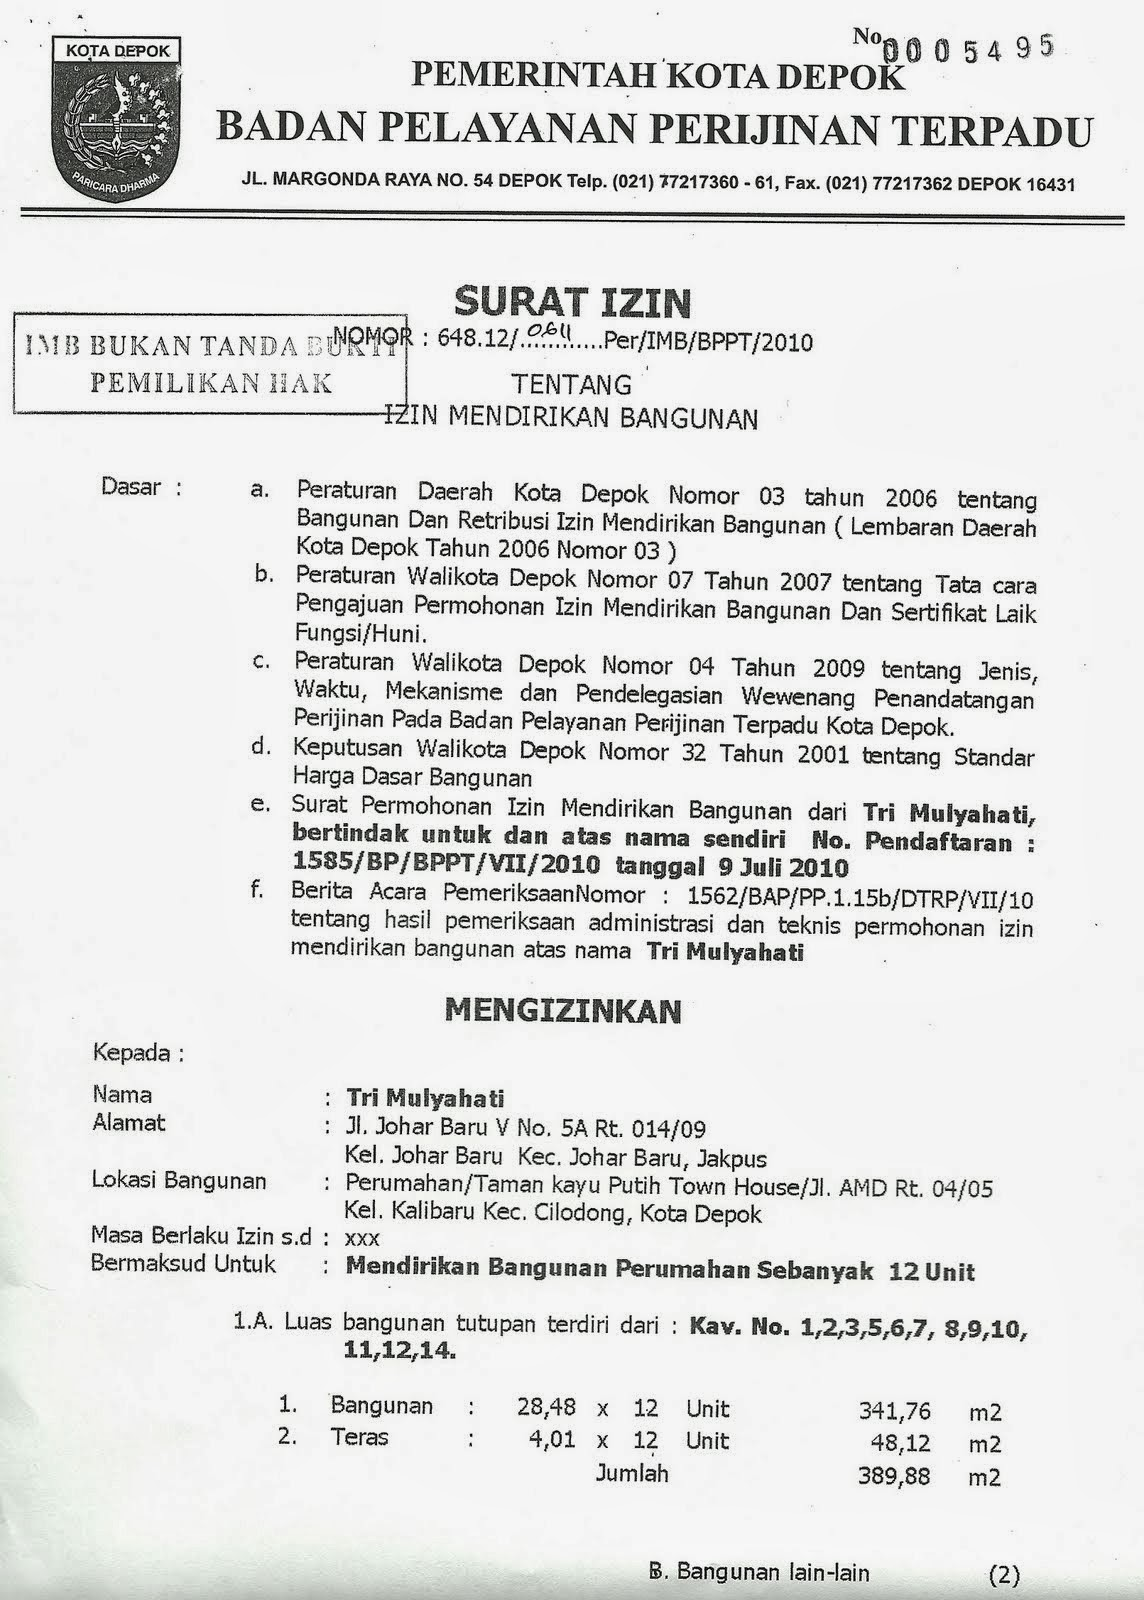 Contoh Surat Kuasa Urus Imb Contoh Surat Urus imb di kelurahan